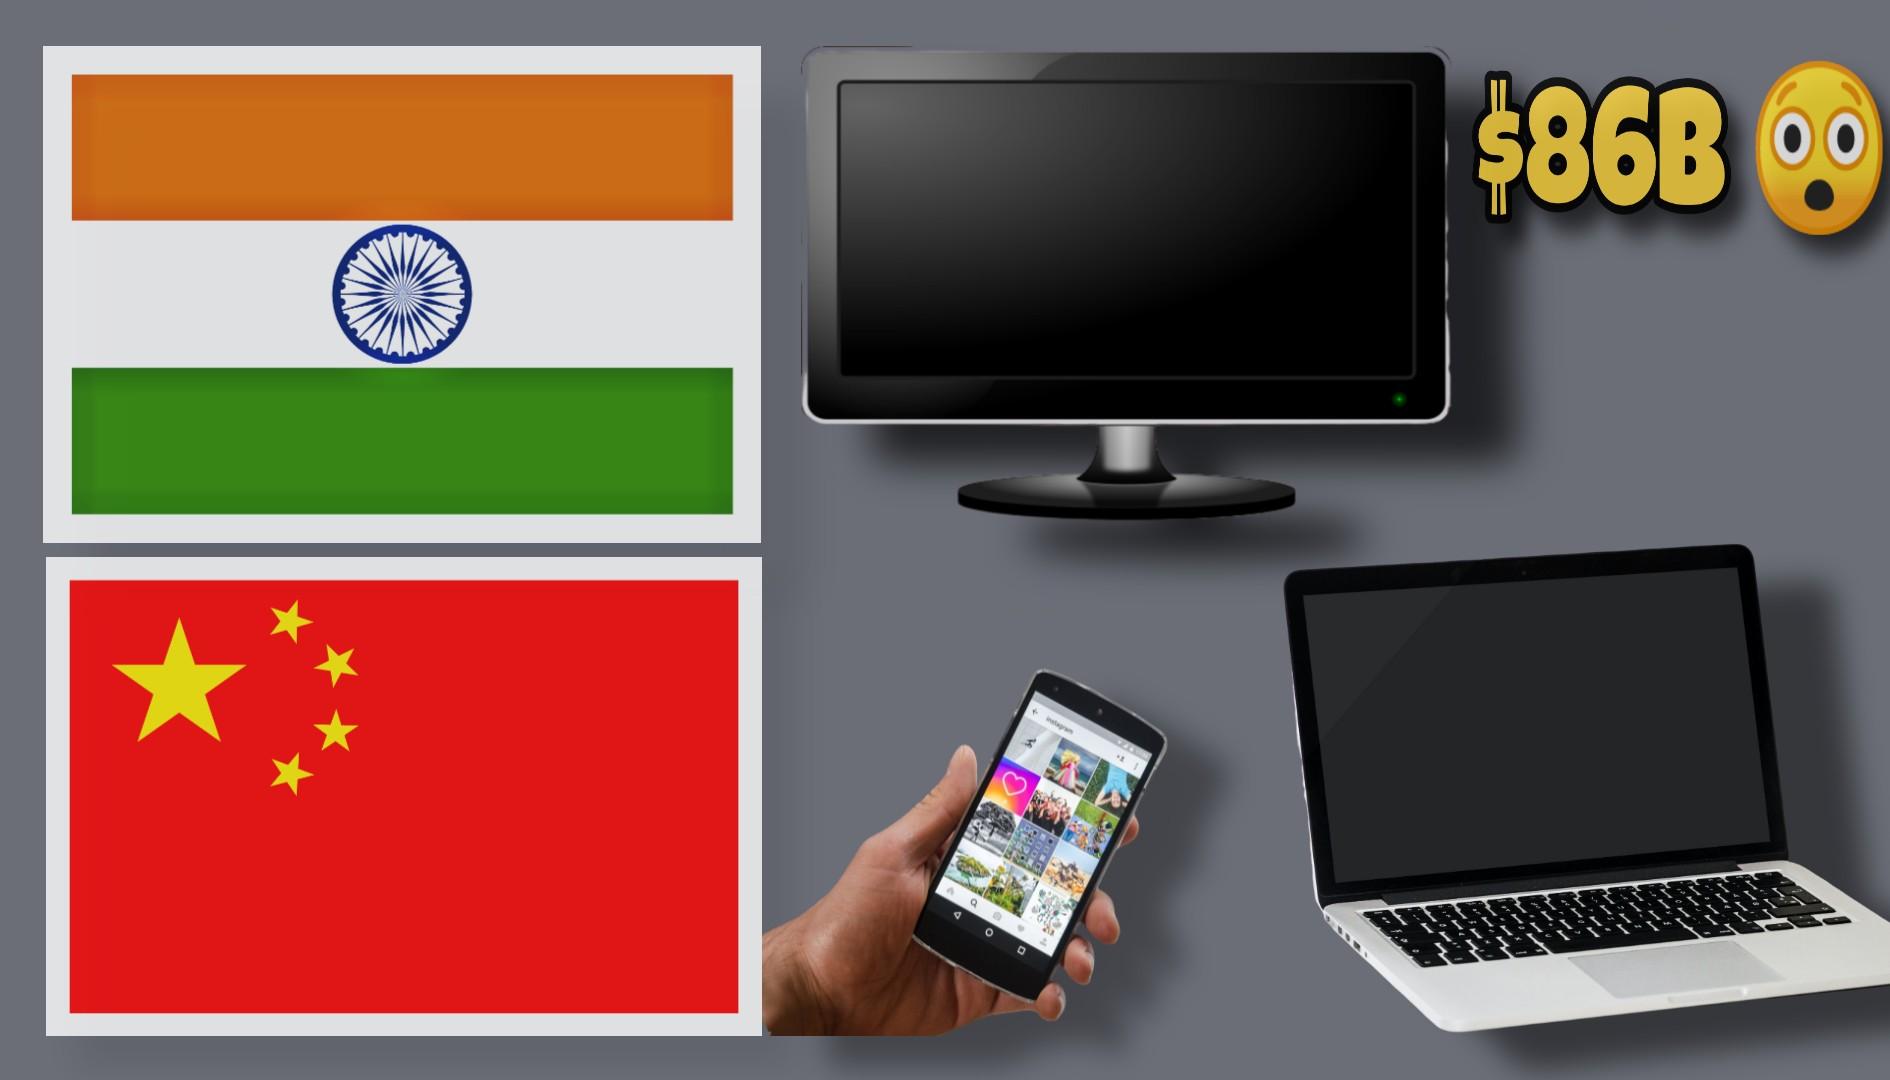 Boycott Chinese products, Boycott Chinese products in India